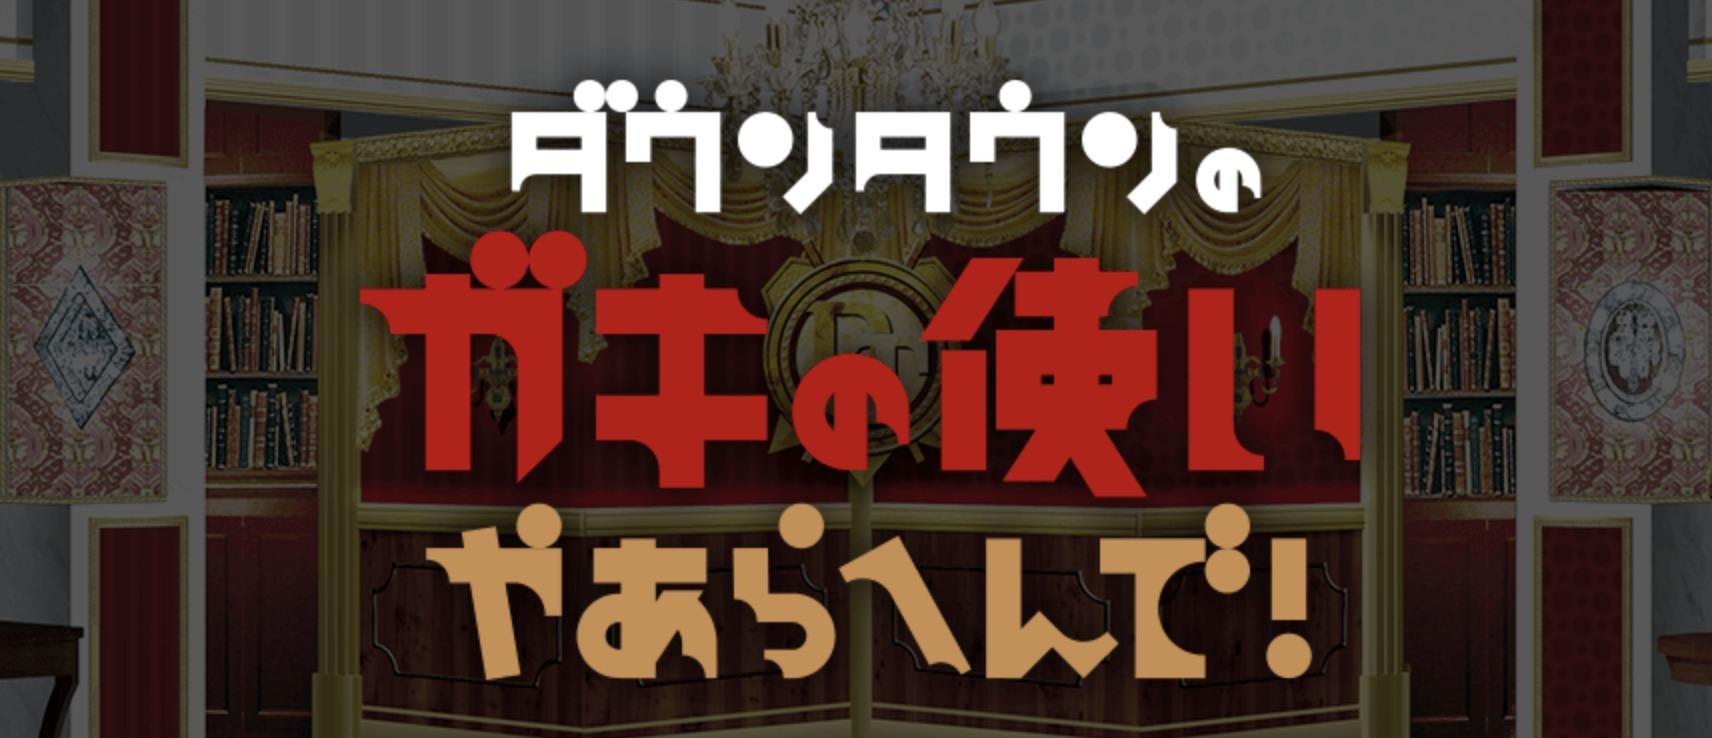 ガキ使(くっきーのハリウッドスター)9月6日の無料動画や見逃し配信をフル視聴する方法!